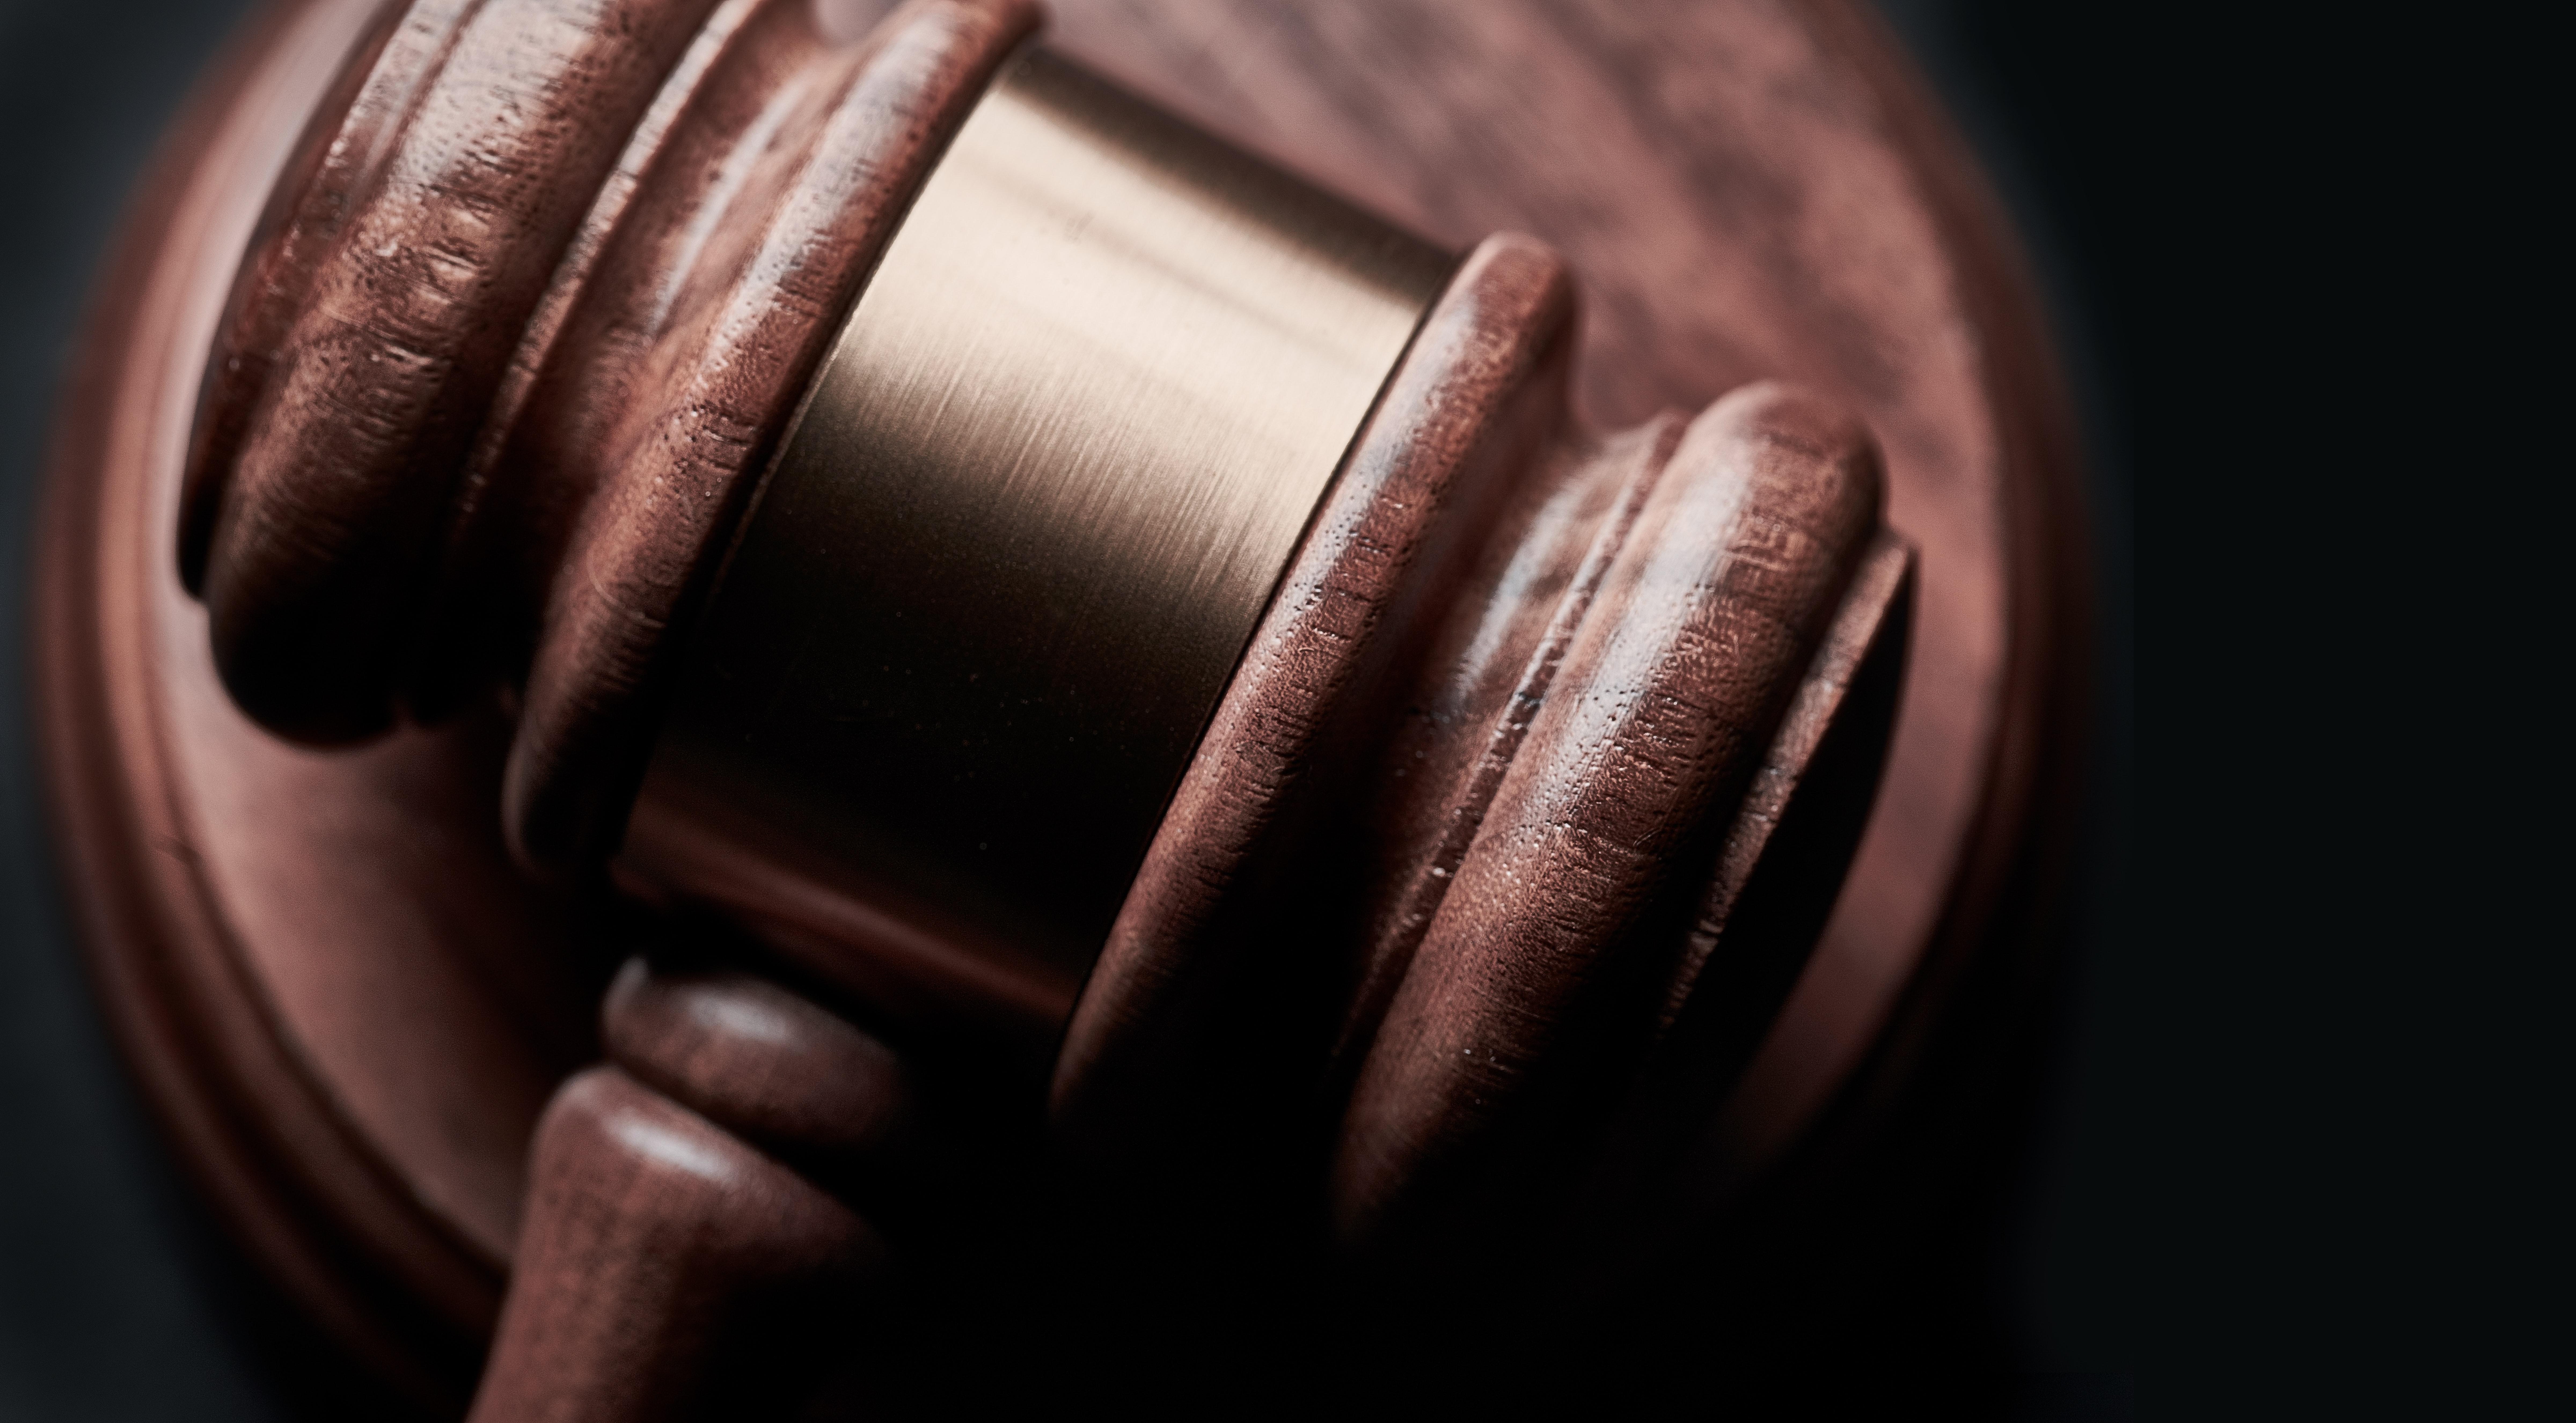 El Consejo General de la Abogacía Española y el Ministerio de Política Territorial, han firmado un Convenio para que los abogados puedan tramitar los expedientes  de extranjería de sus clientes por vía telemática